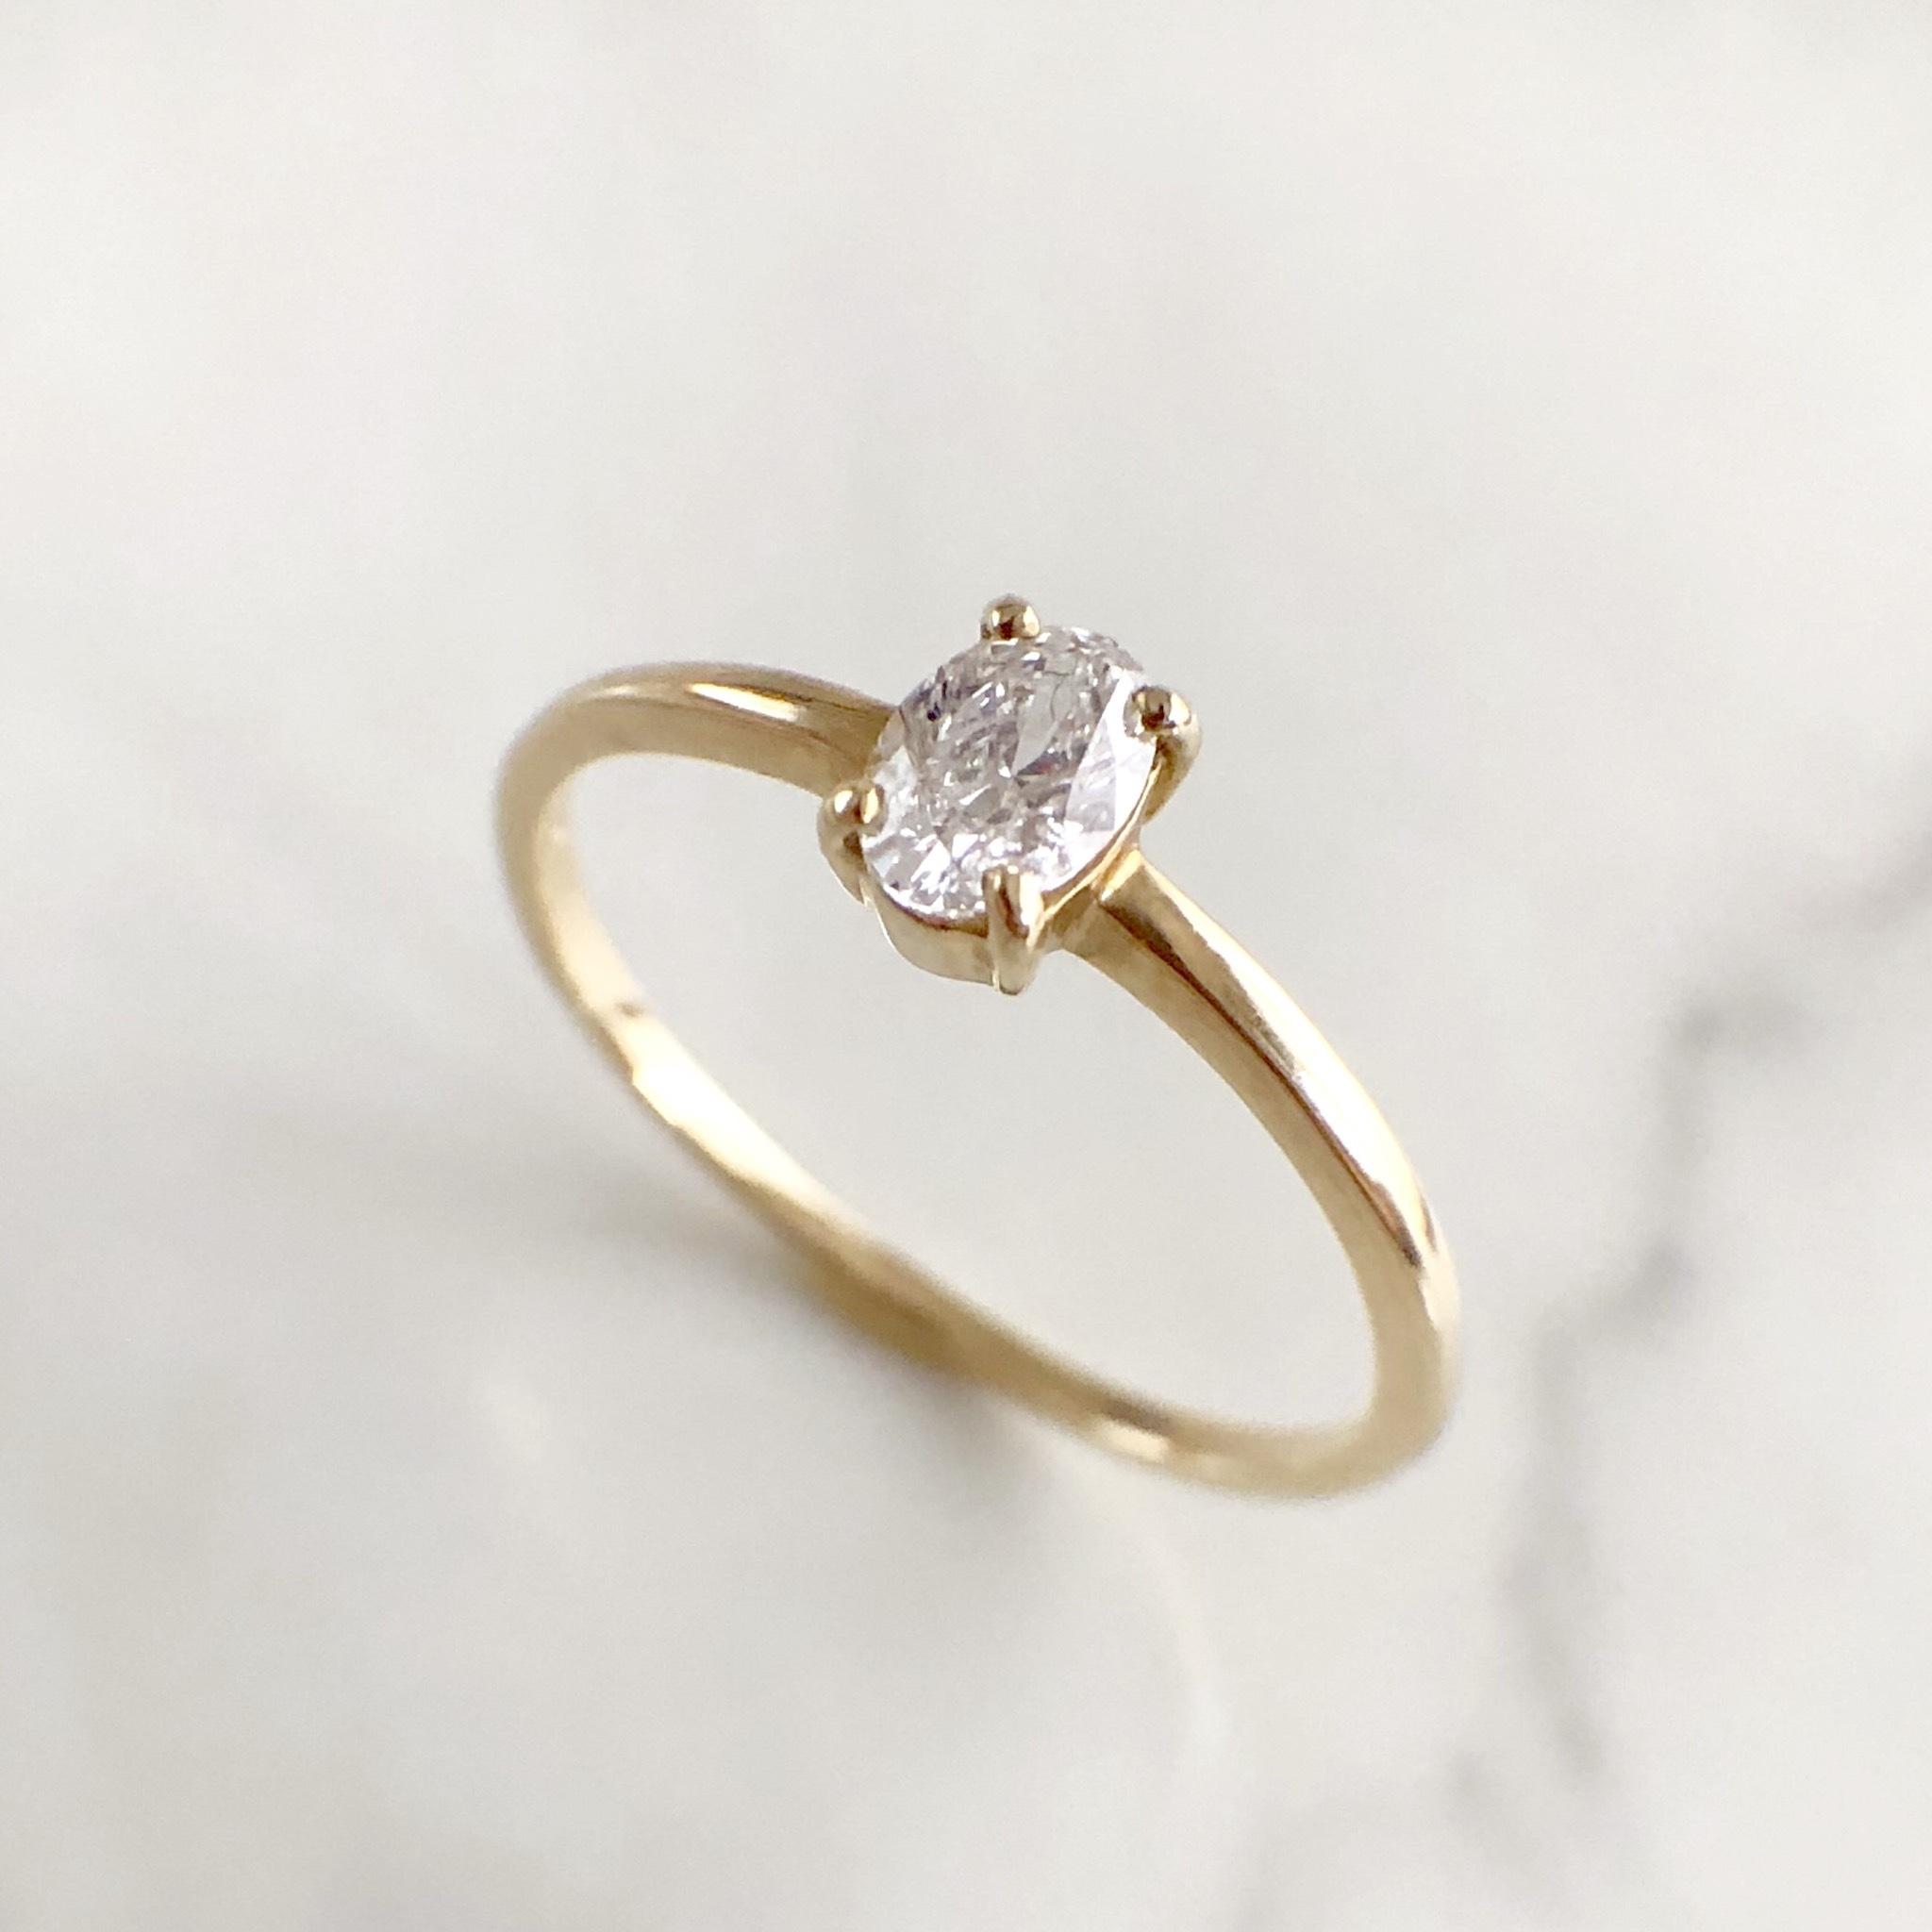 オーバルカット ダイヤモンド リング 0.223ct  K10イエローゴールド チェカ